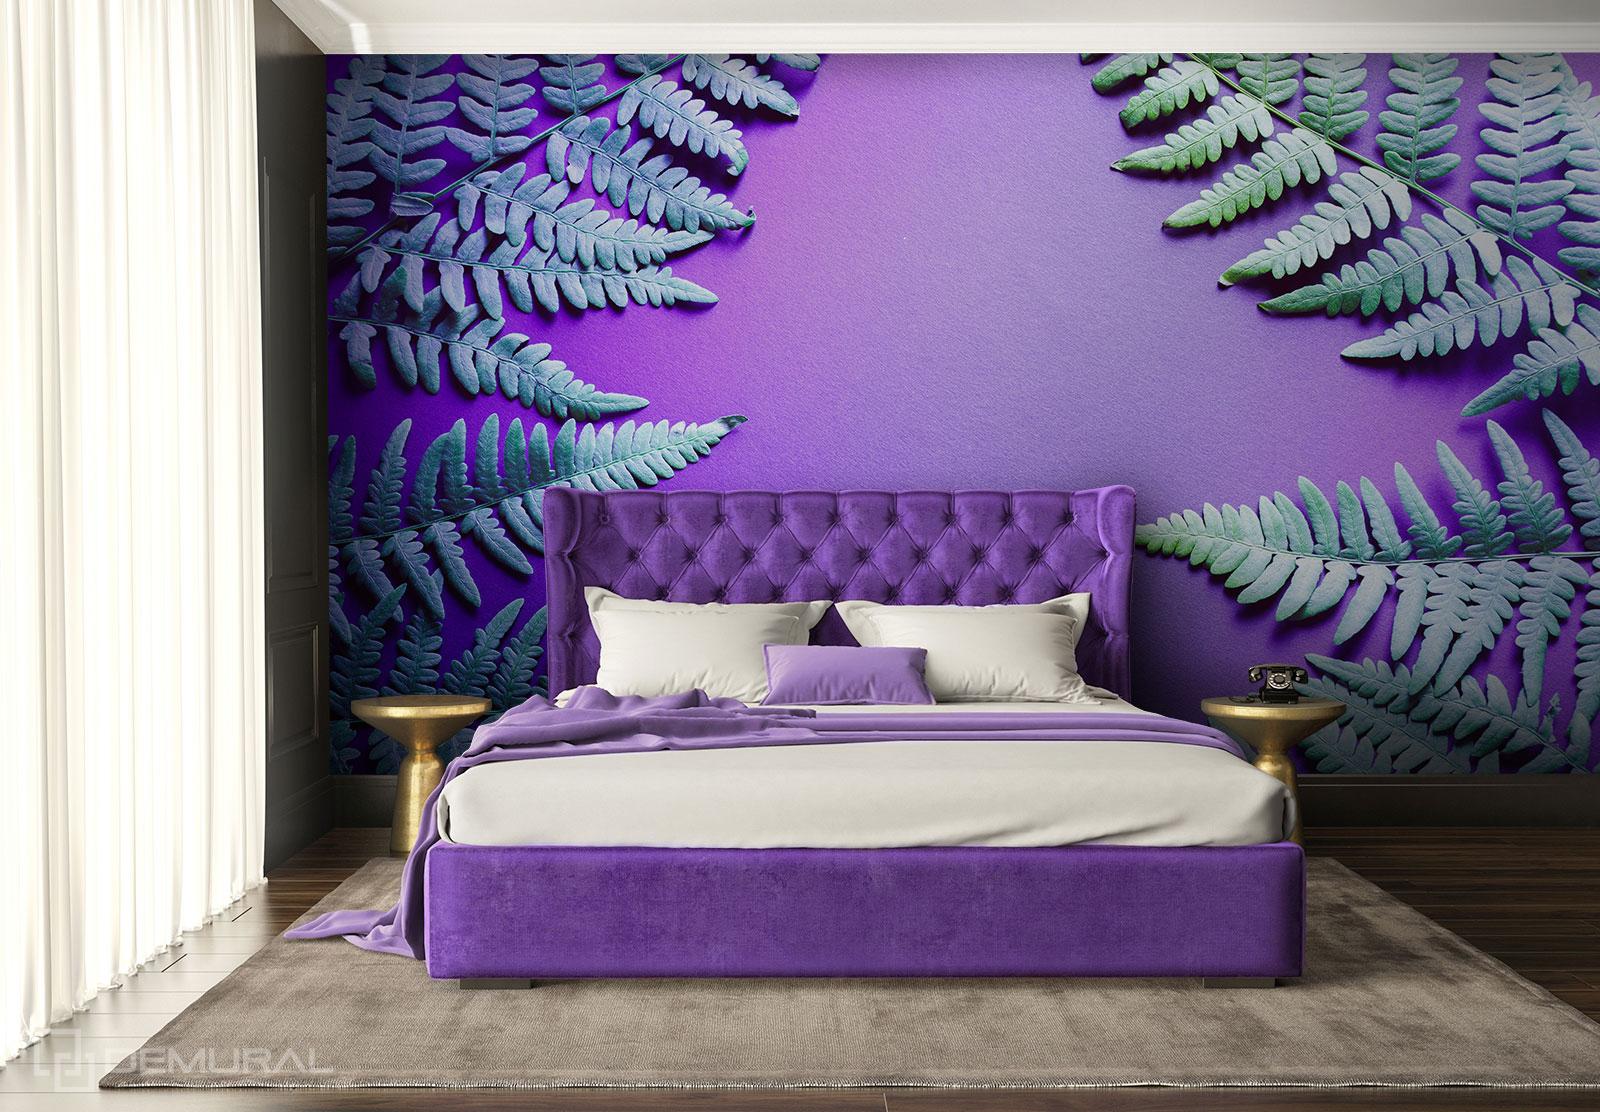 Papier Peint Fleur de fougère - Papier peint ultra violet - Demural